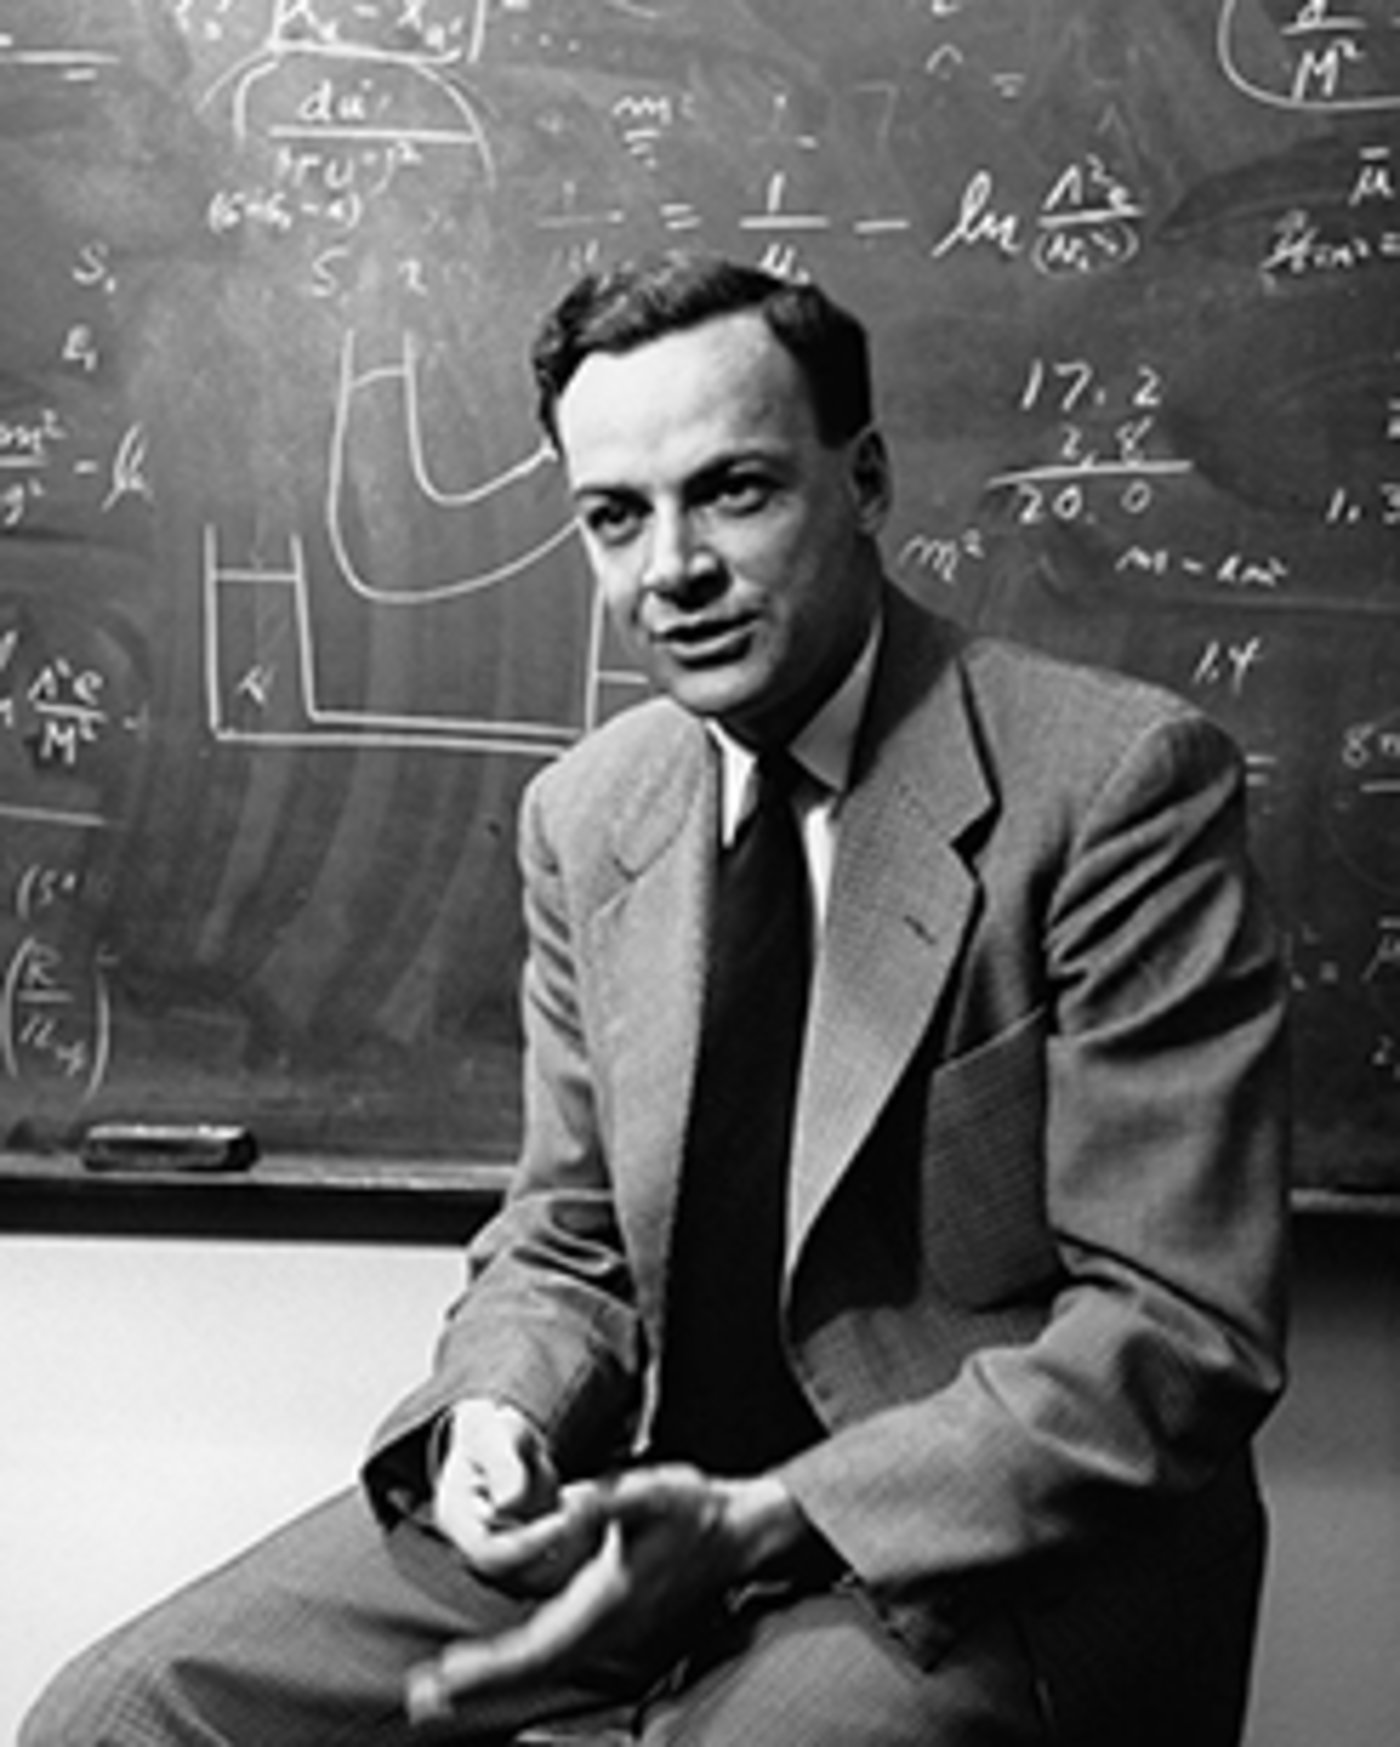 费曼相信,一台基于量子力学现象的计算机在模仿量子力学现象上有着近水楼台先得月的先天优势。